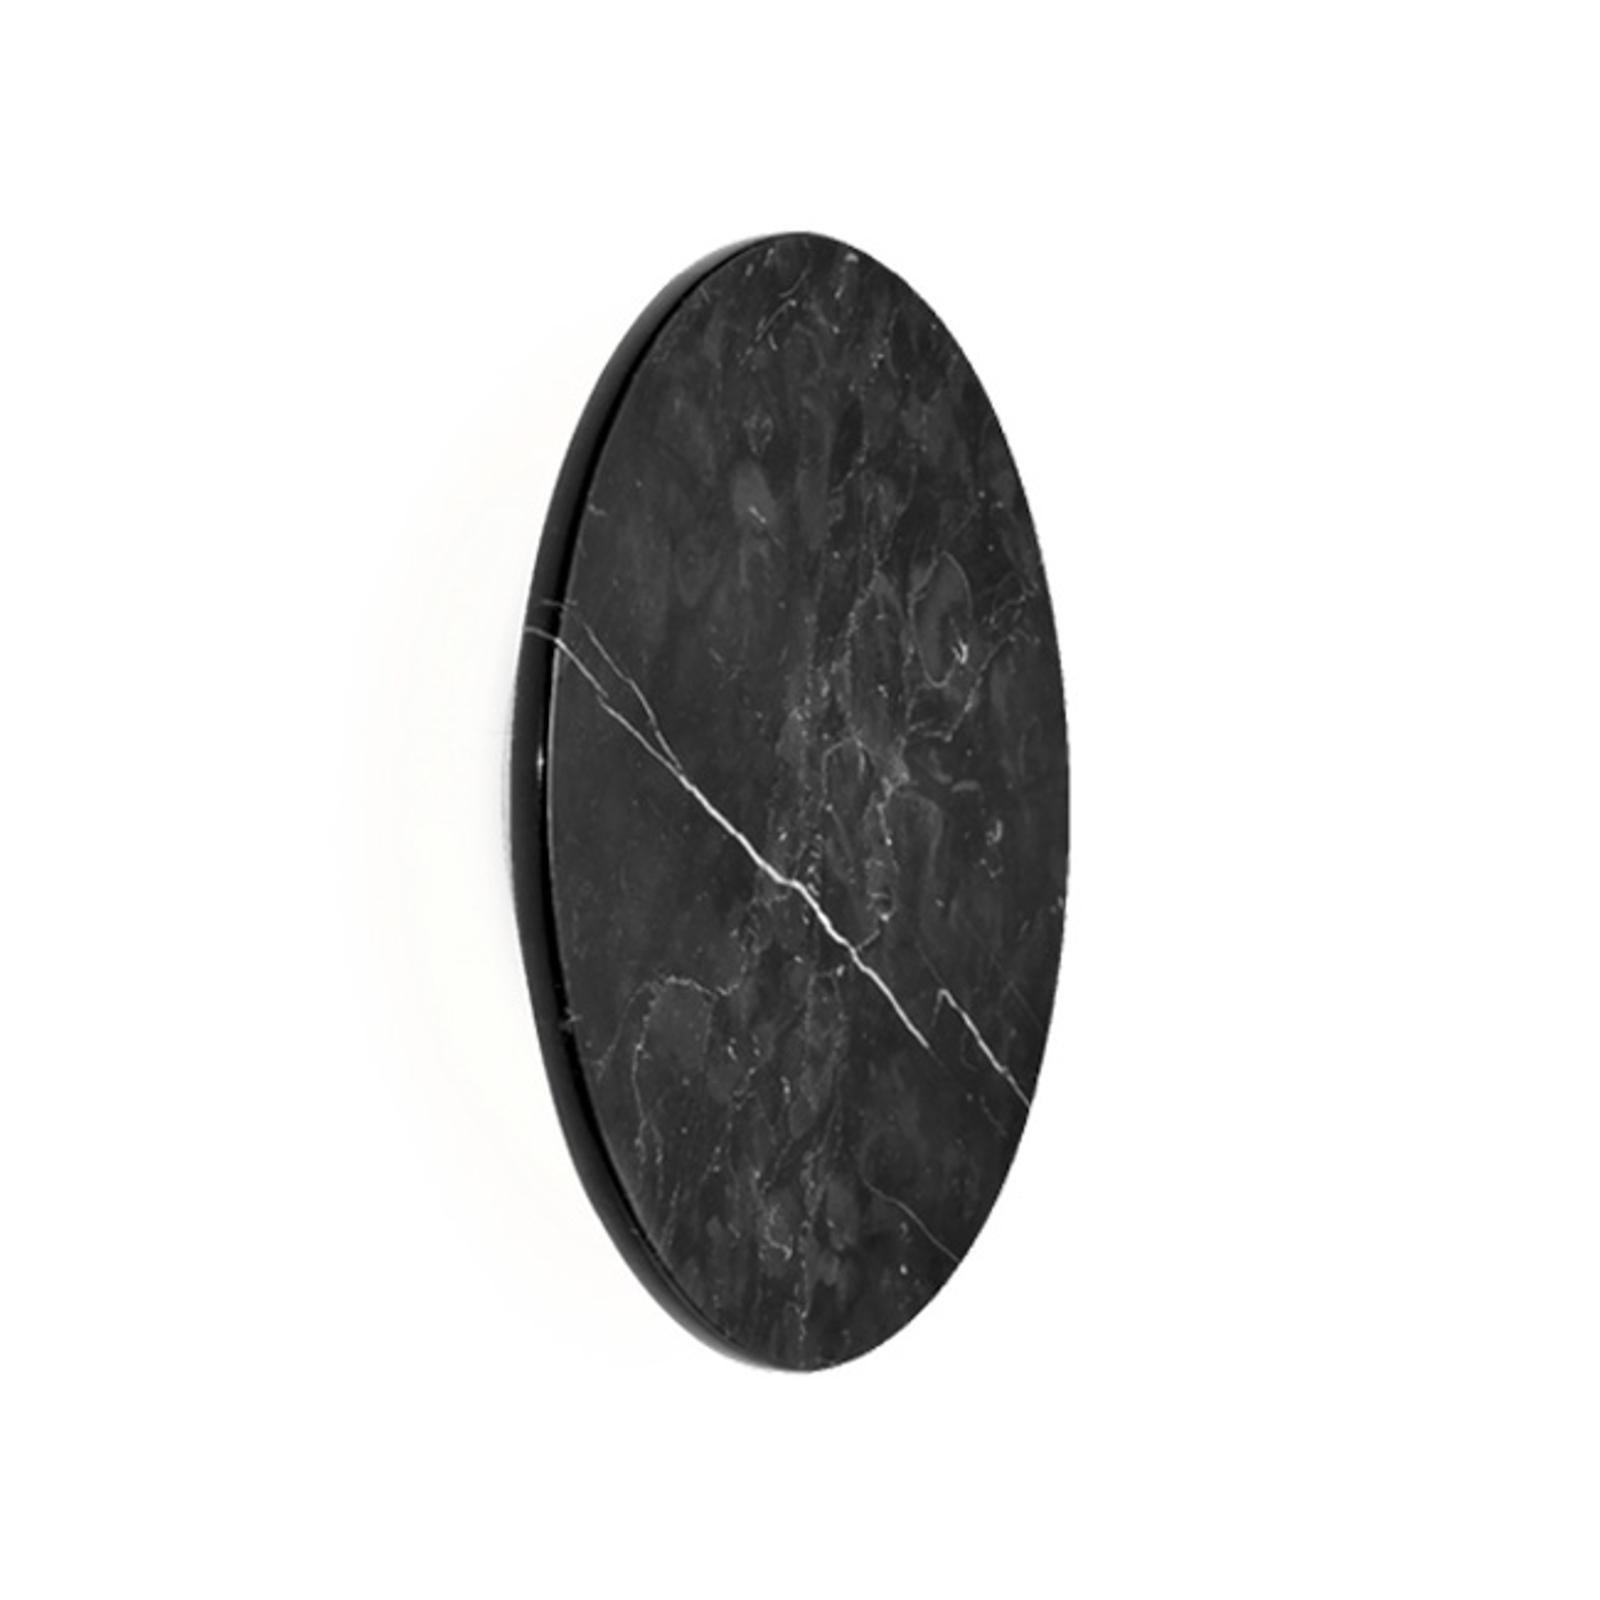 WEVER & DUCRÉ Miles 3.0. rund vegg Ø 26 cm svart